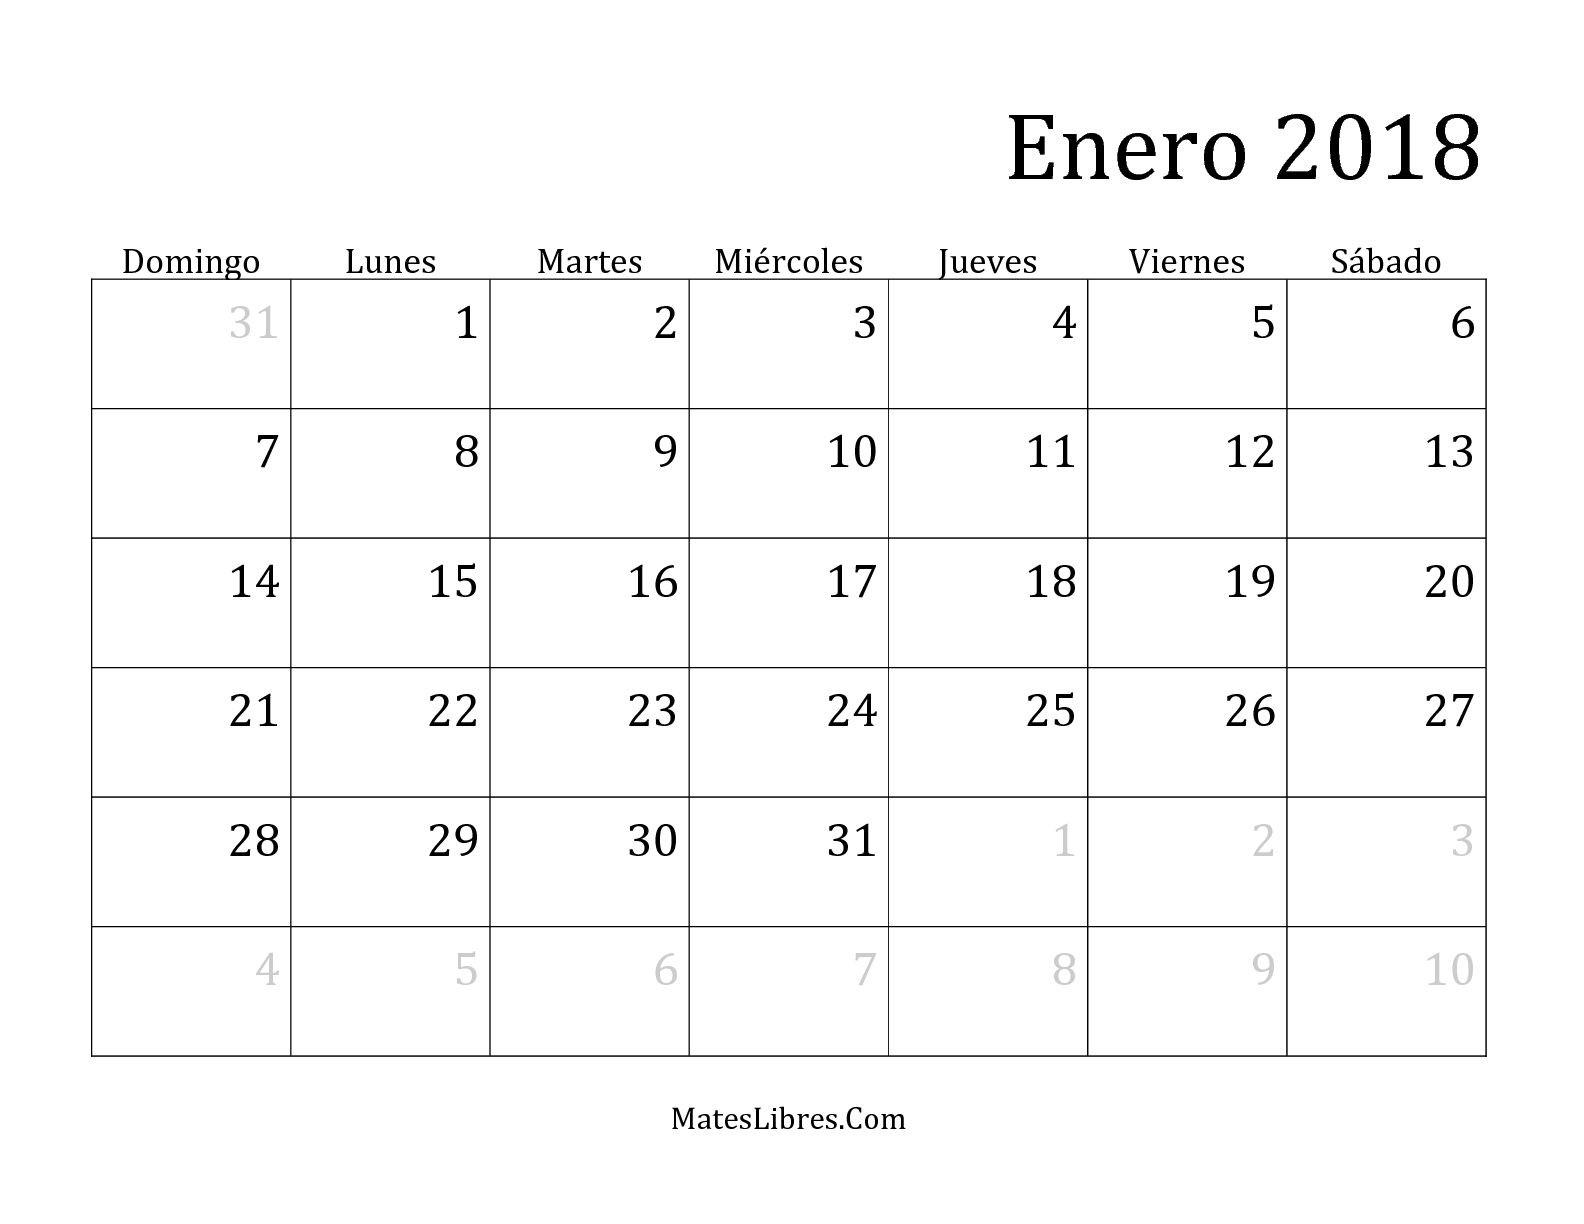 Calendario De Noviembre 2019 Para Imprimir Más Actual Root Of Calendario De Noviembre 2019 Para Imprimir Más Caliente Calendario 7 Julio ☼ Calendario 2016 ☺ Pinterest